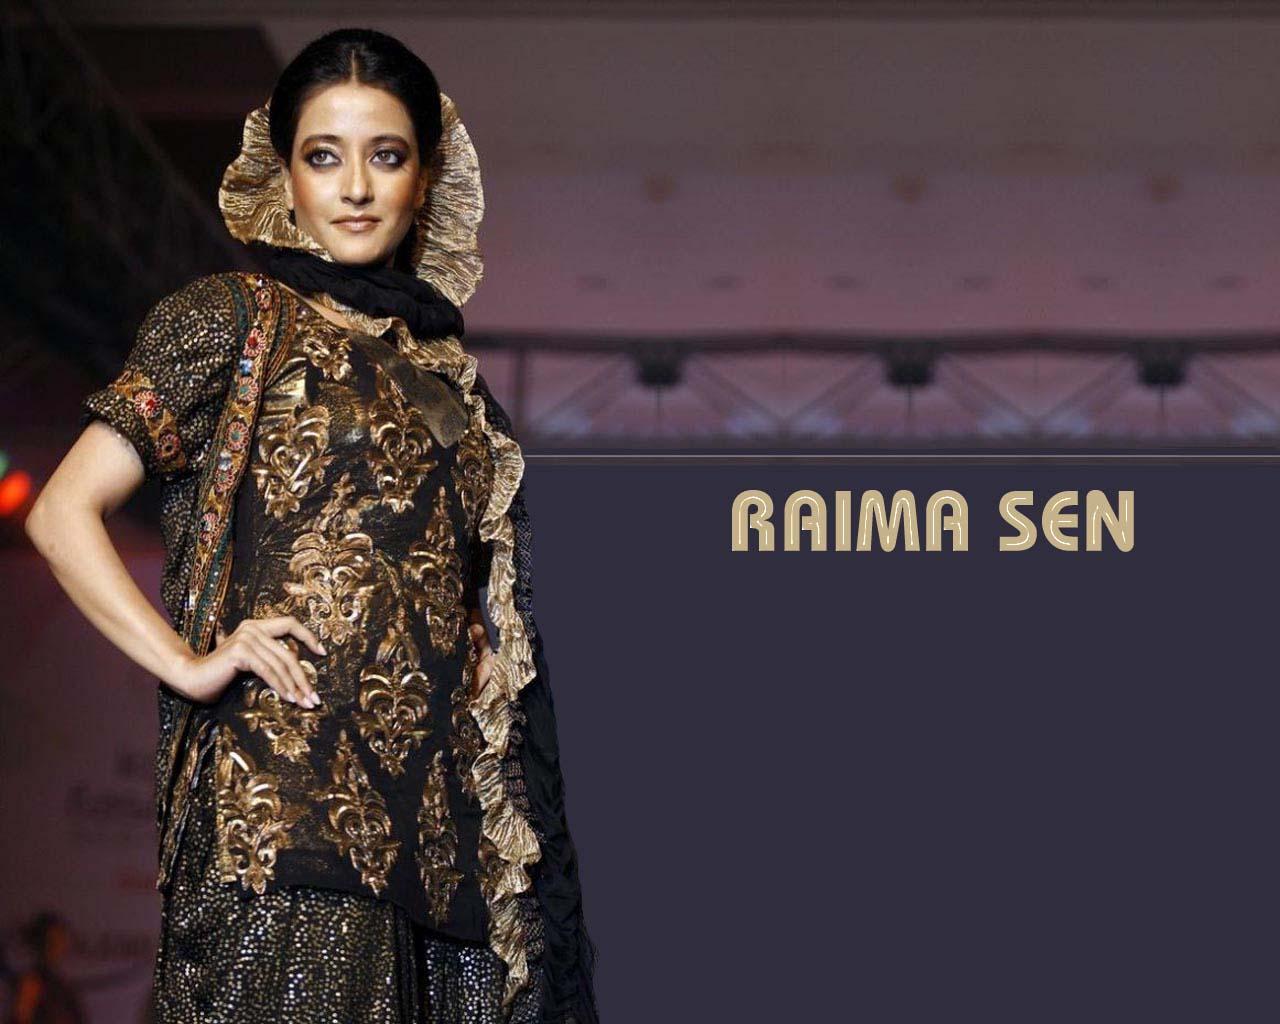 Raima Sen Wallpapers fashionewallpaper.blog...